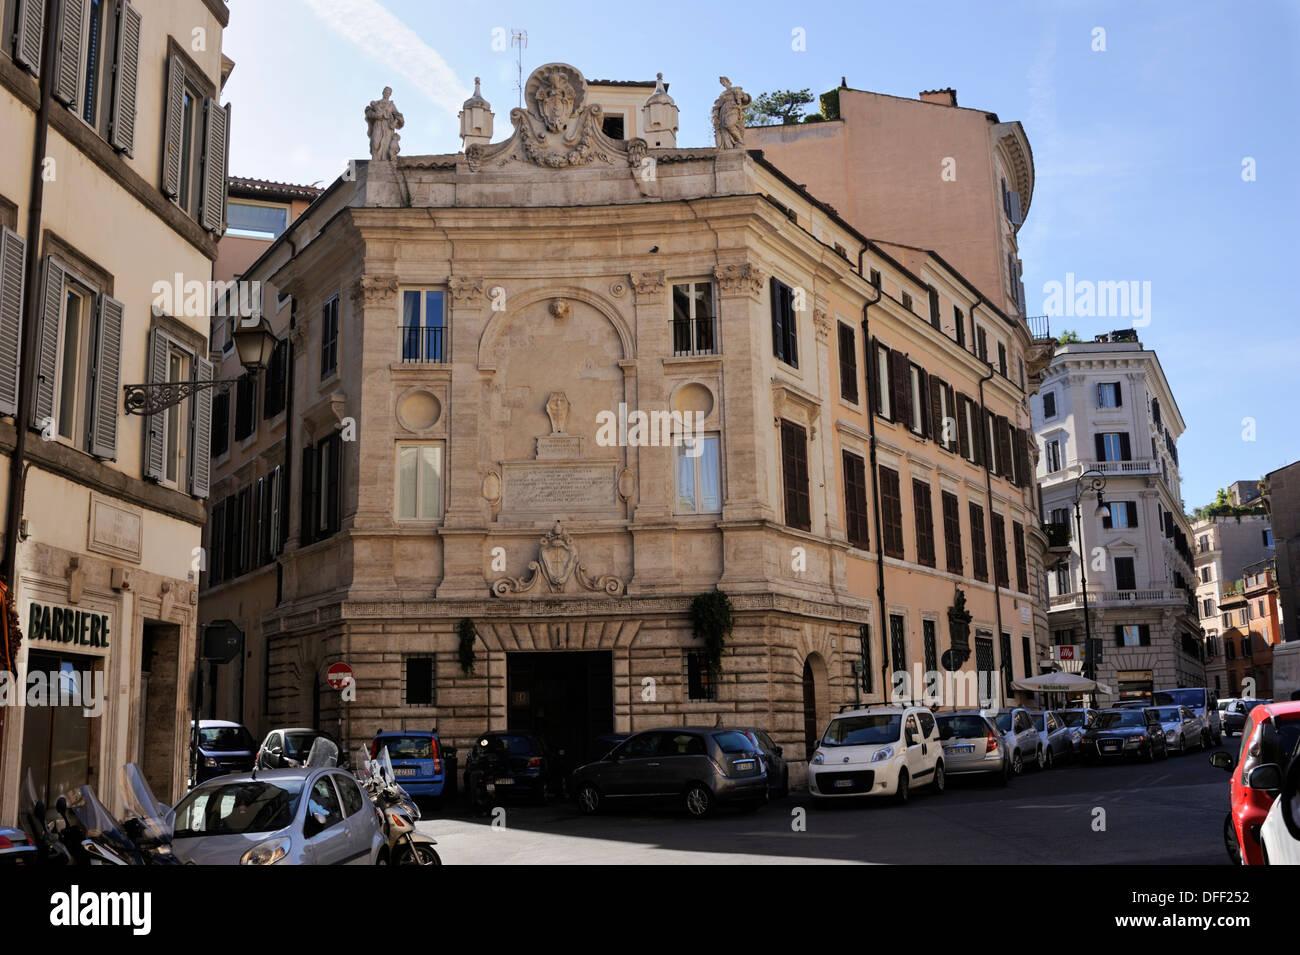 italy, rome, palazzo del banco di santo spirito - Stock Image